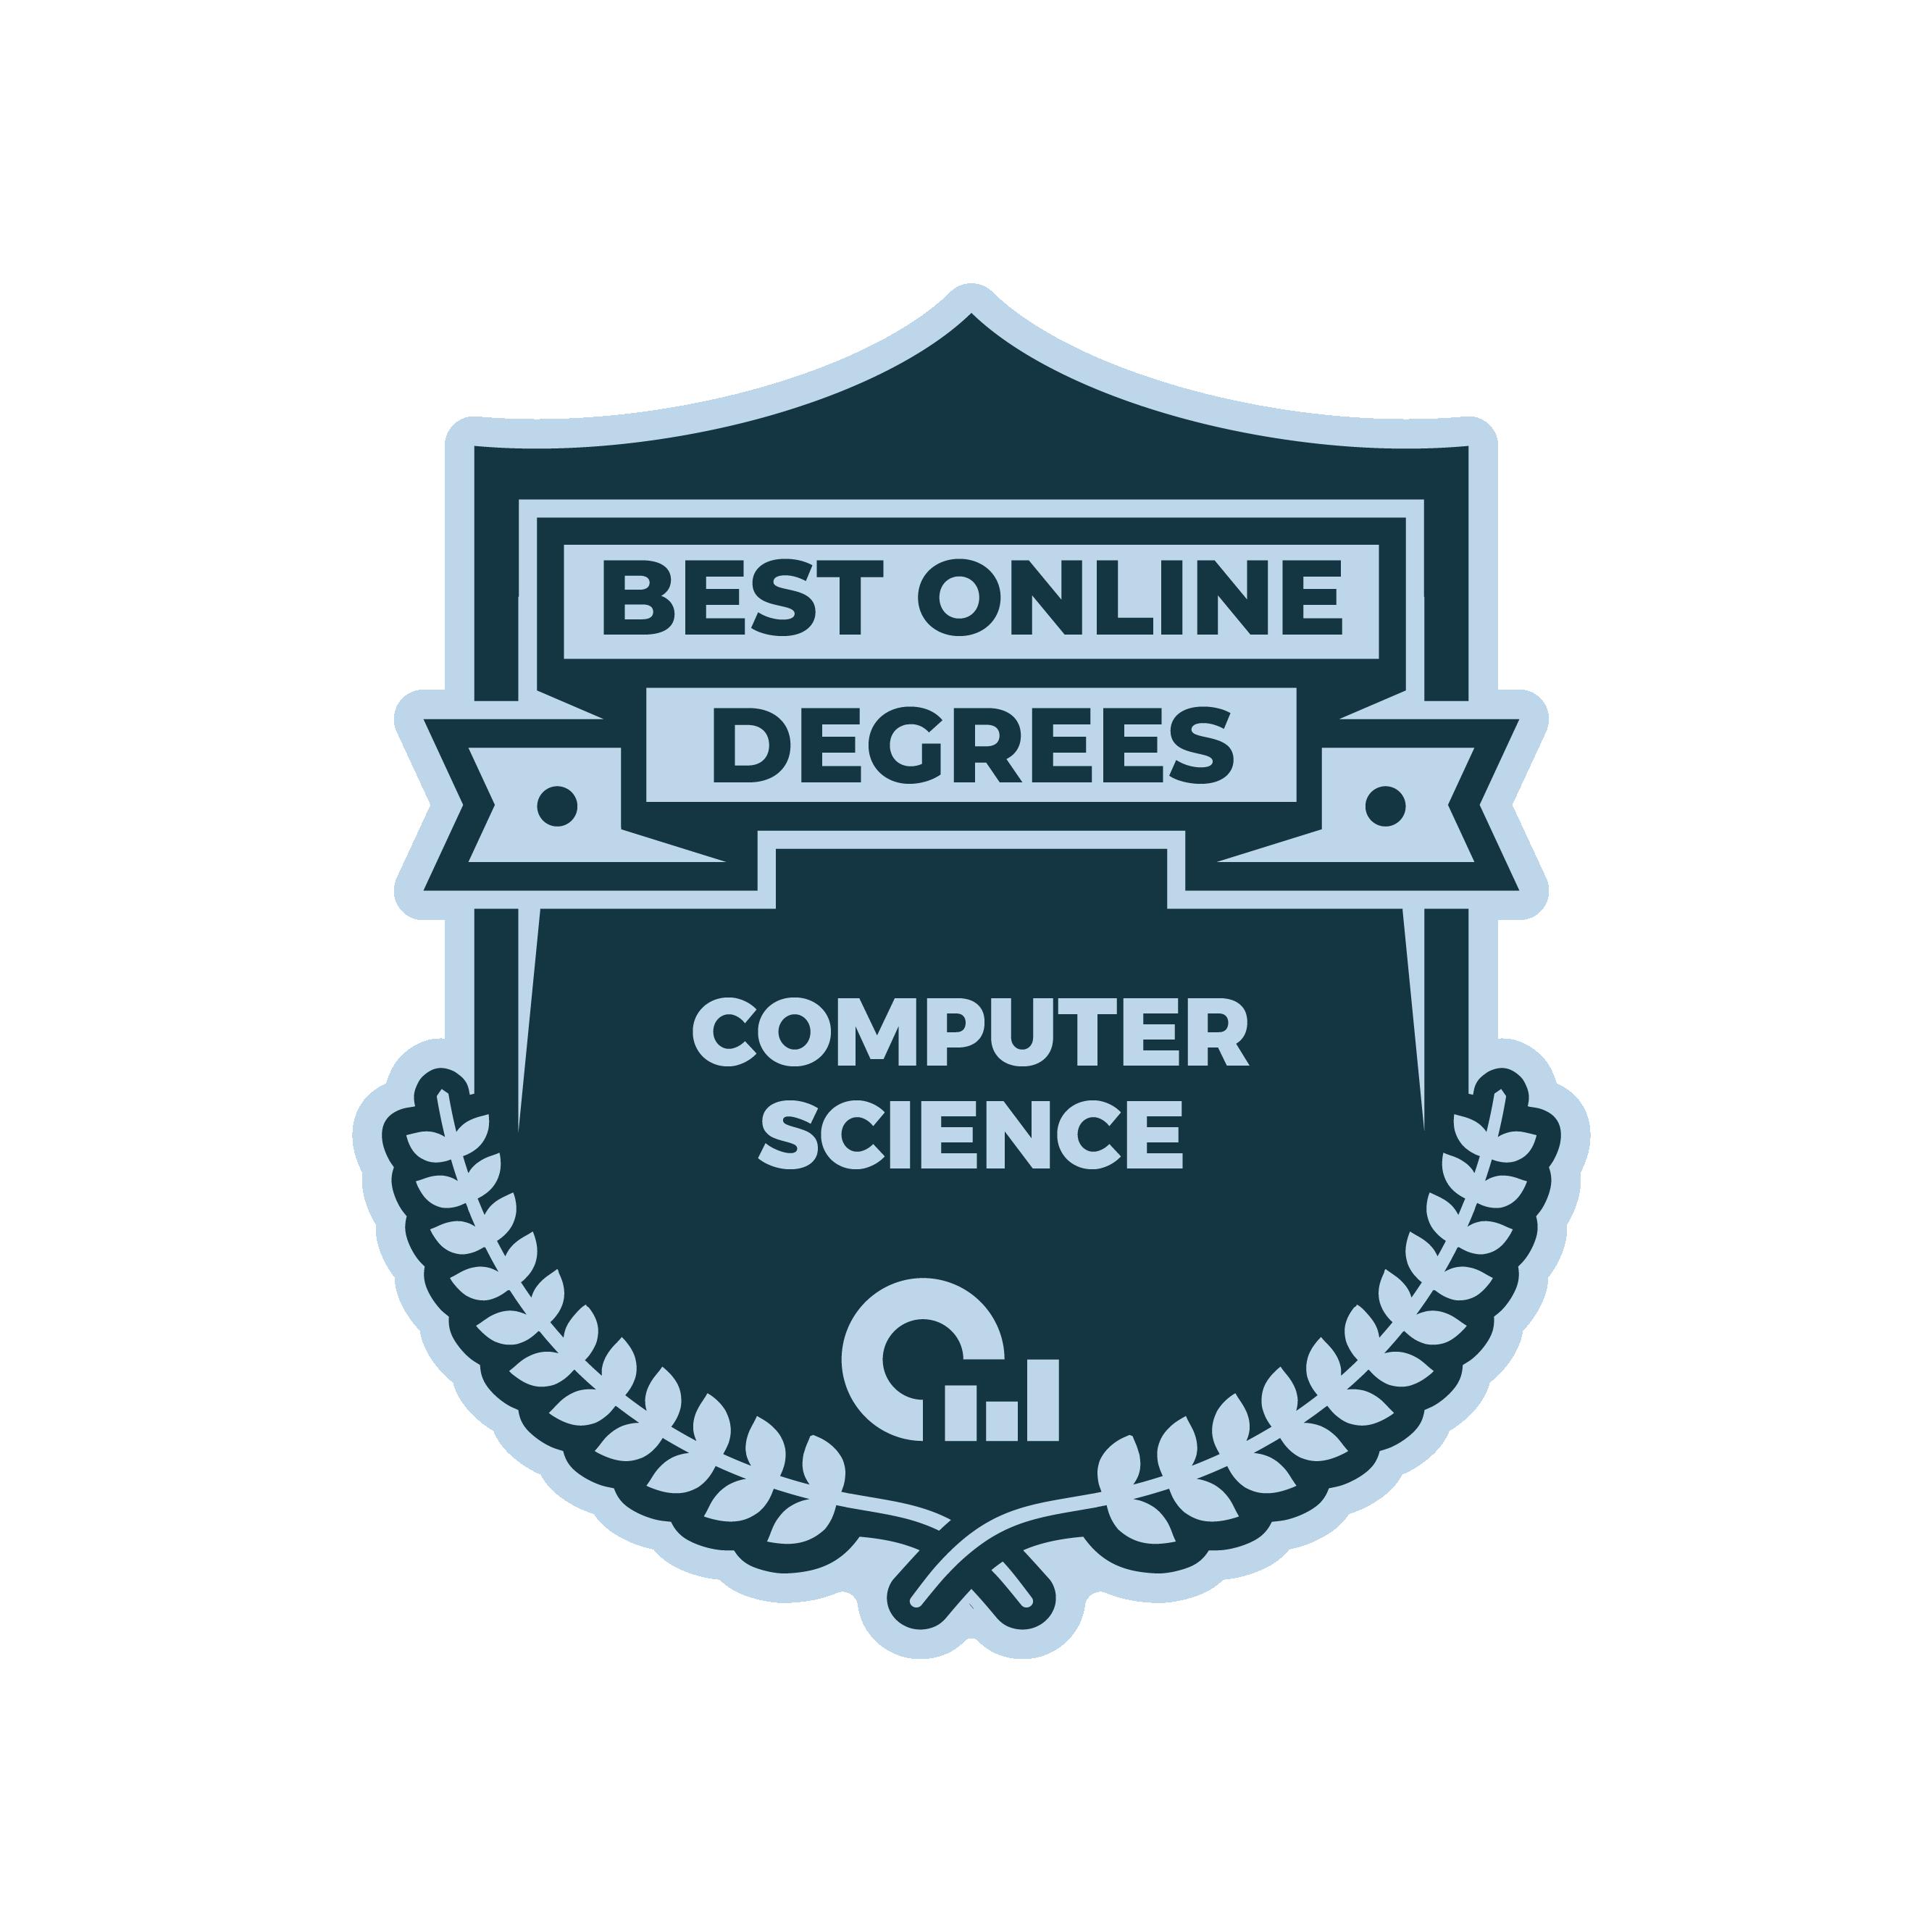 25 Best Online Computer Science Degrees - Online Schools Report